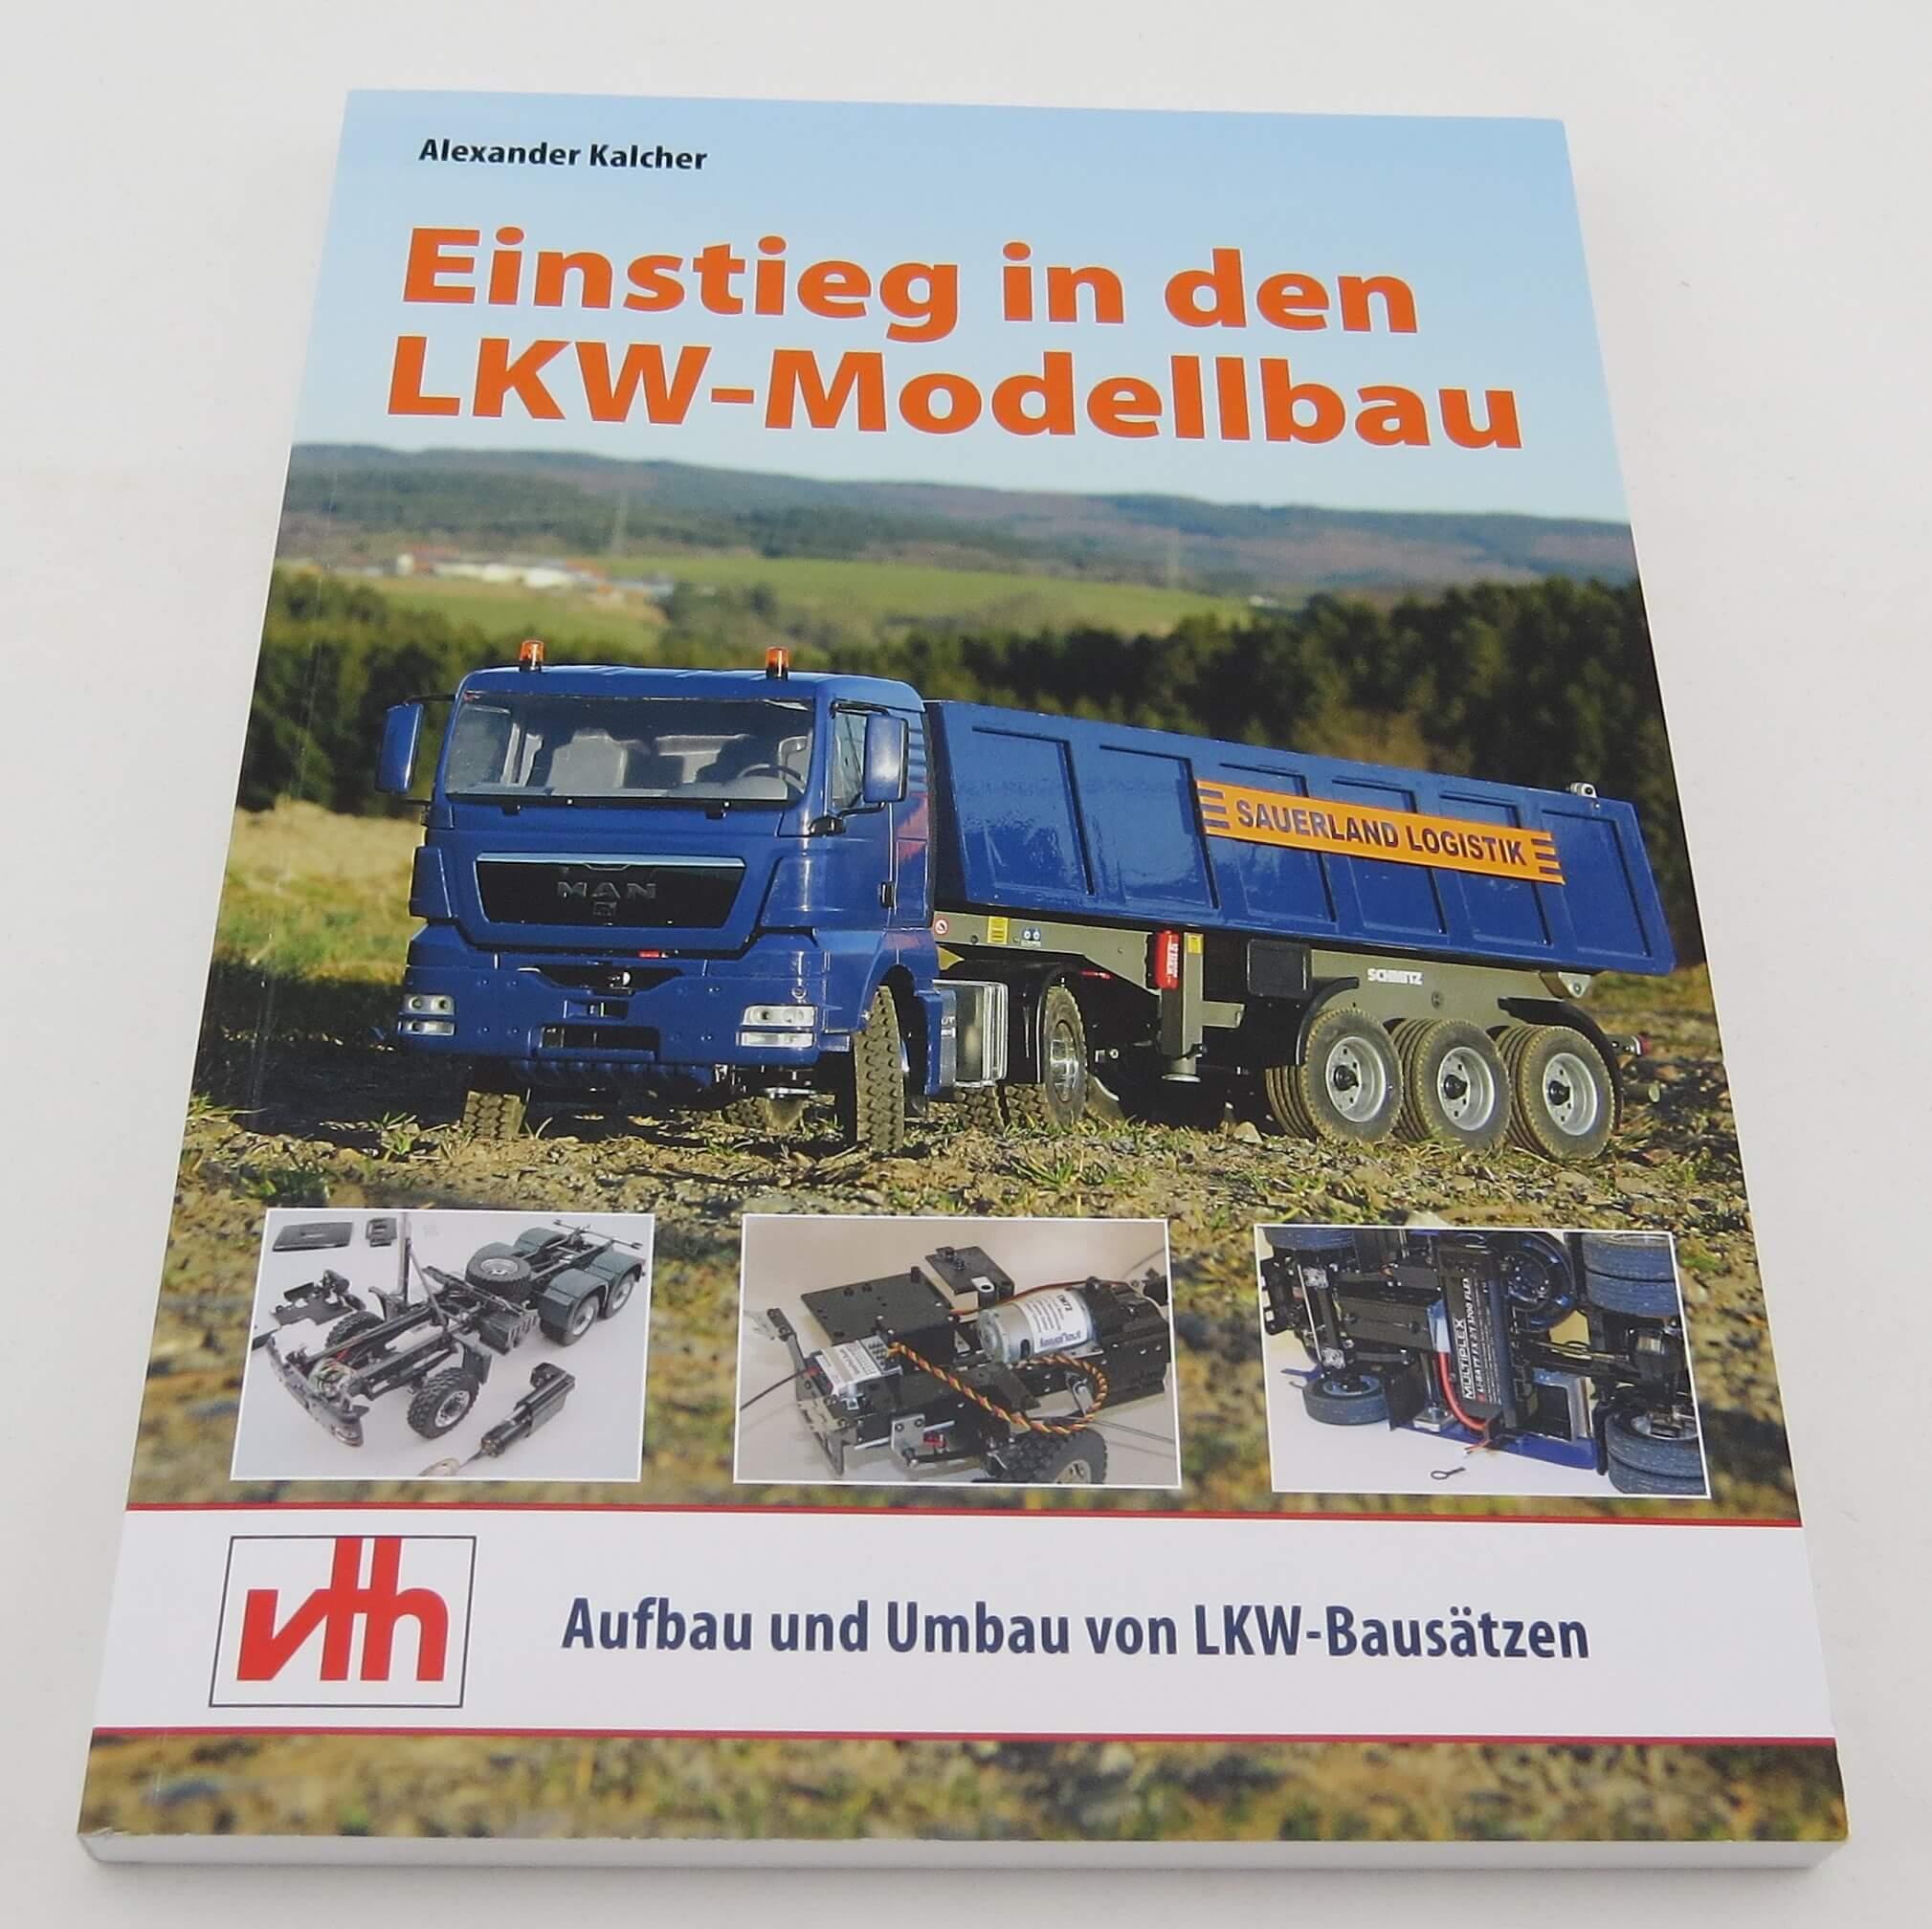 Einstieg in den LKW-Modellbau,Fachbuch. VTH-Verlag | Fachliteratur ...